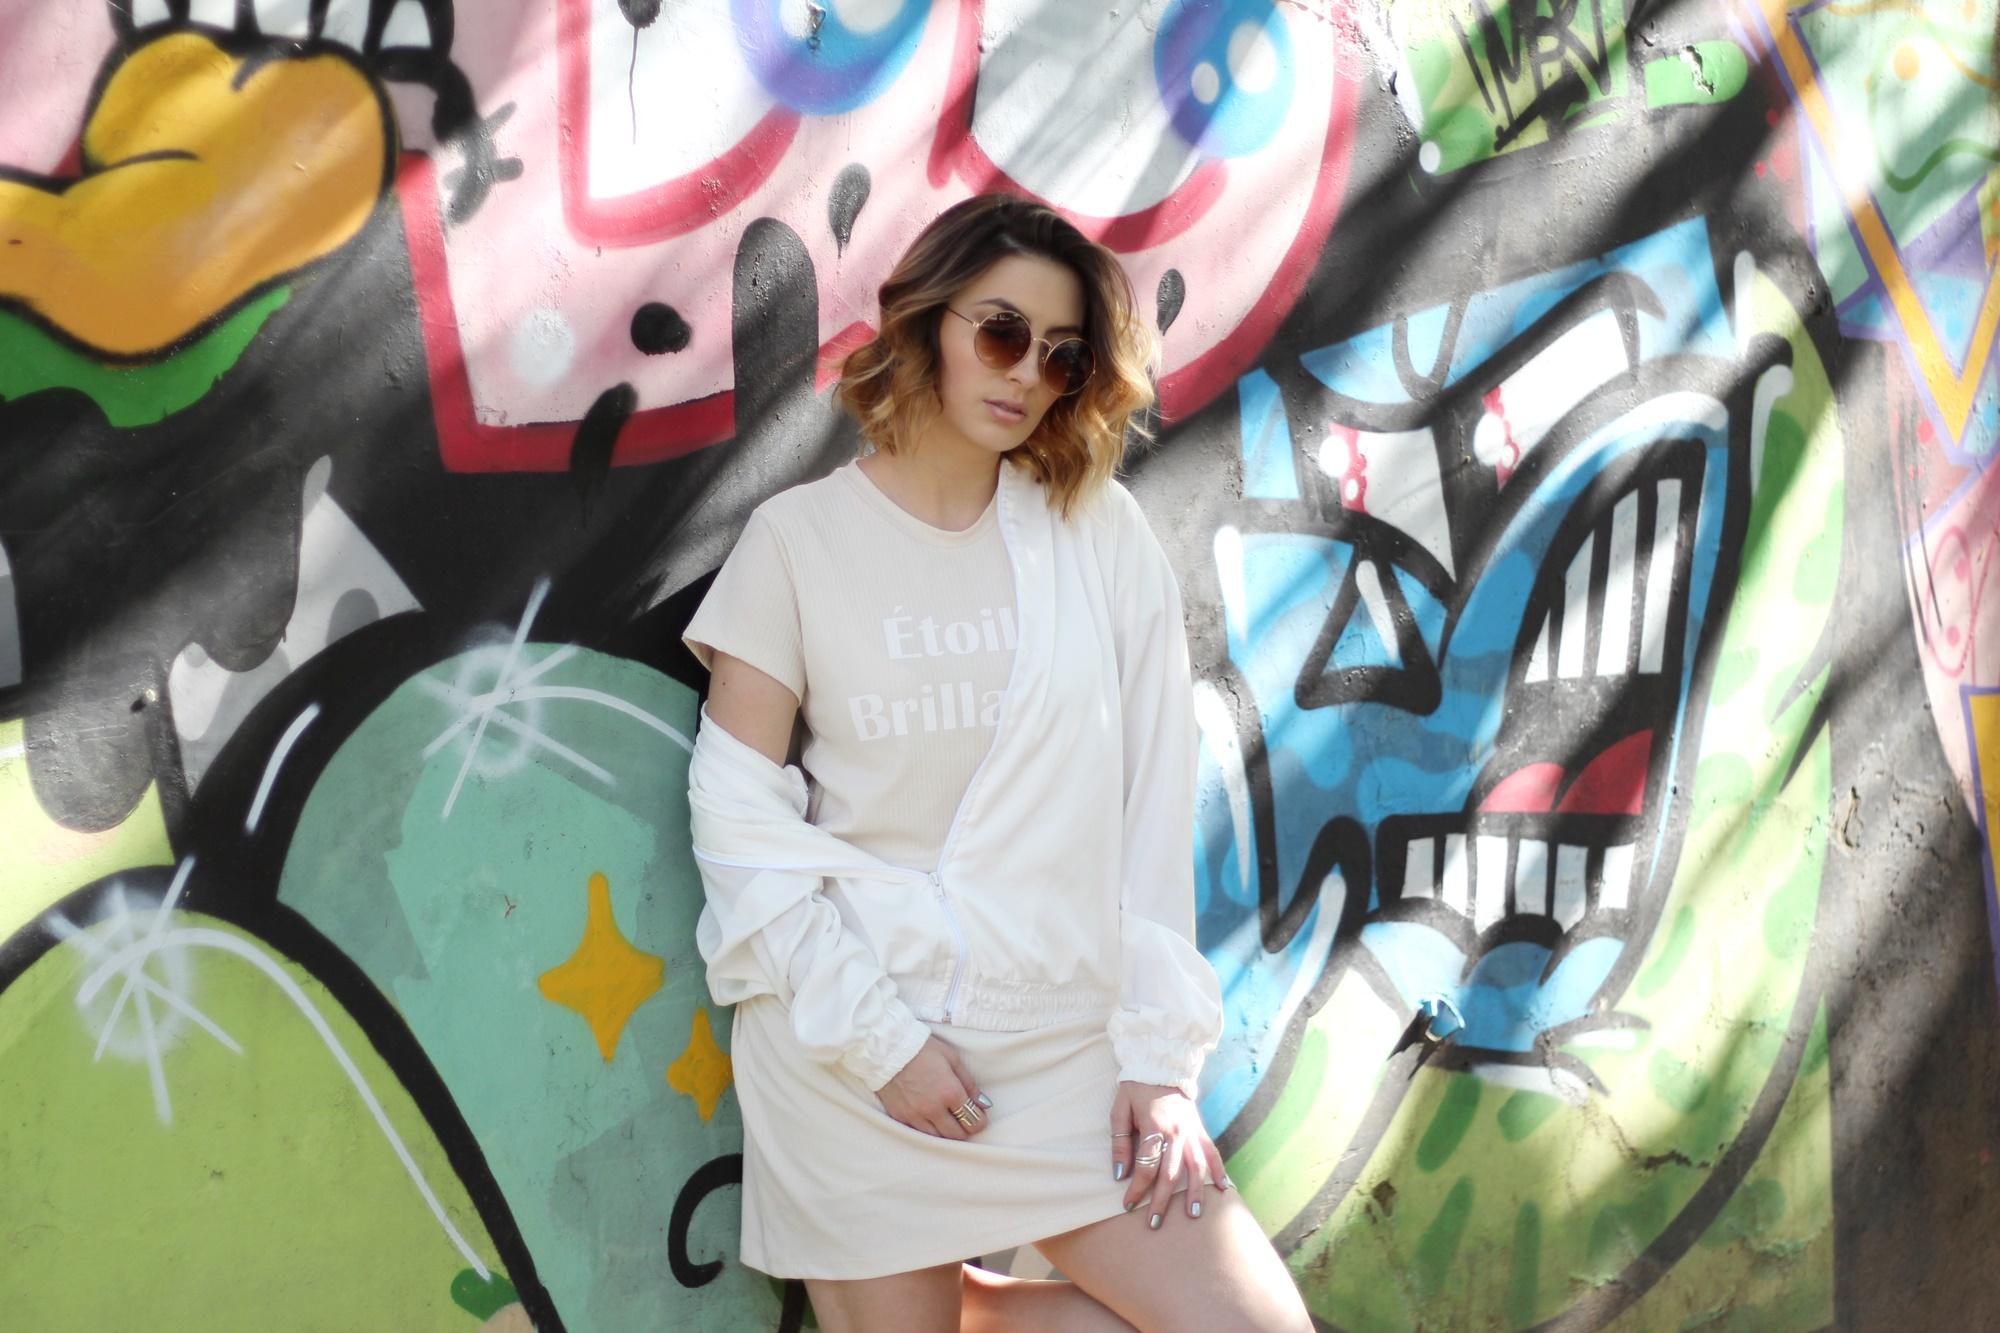 tendencia-verao-2016-vestido-camisao-bomber-blog-vanduarte-9